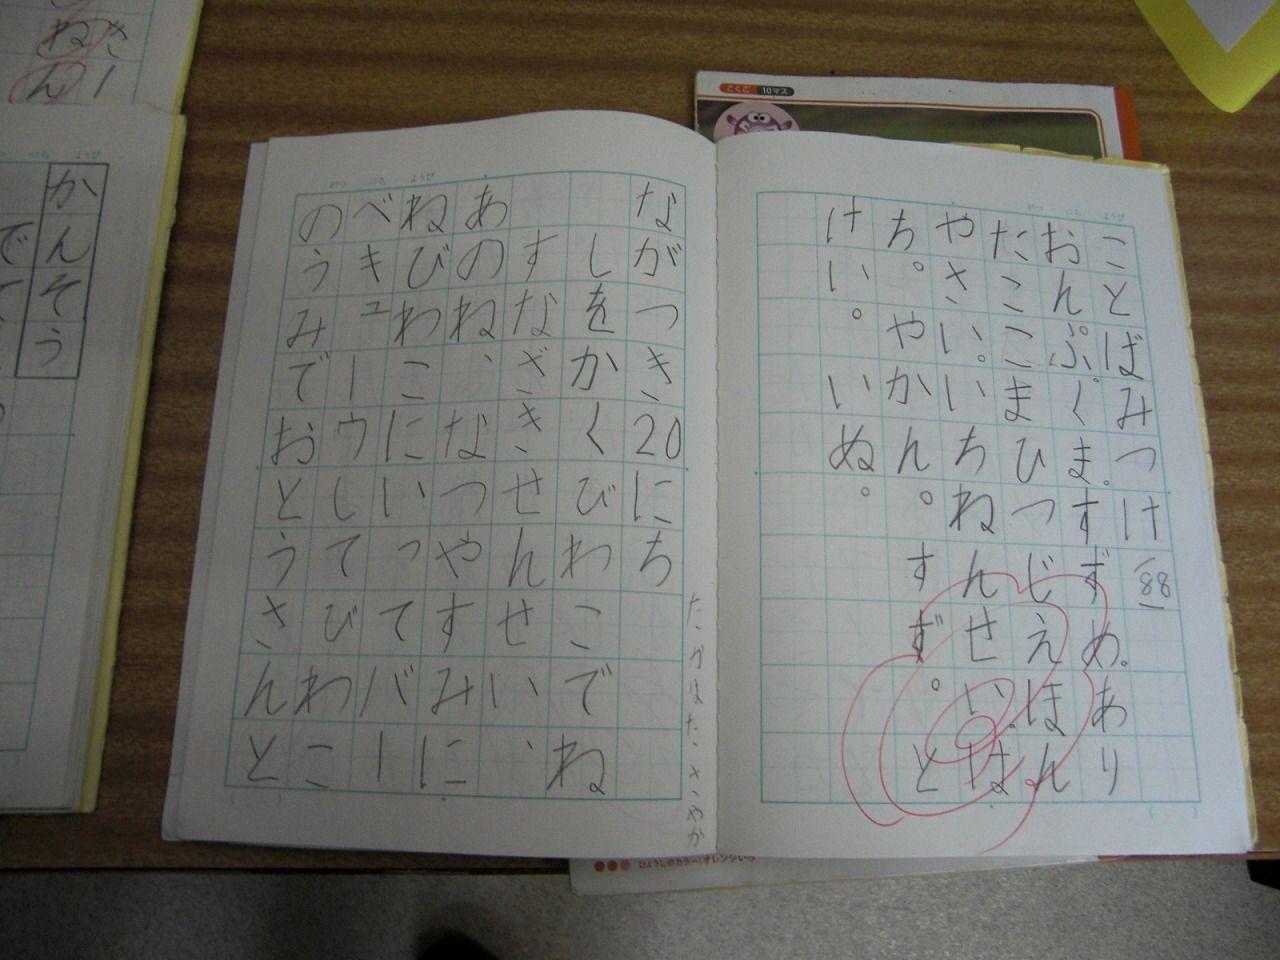 けいkids+まり先生のブログ : 2012 ...